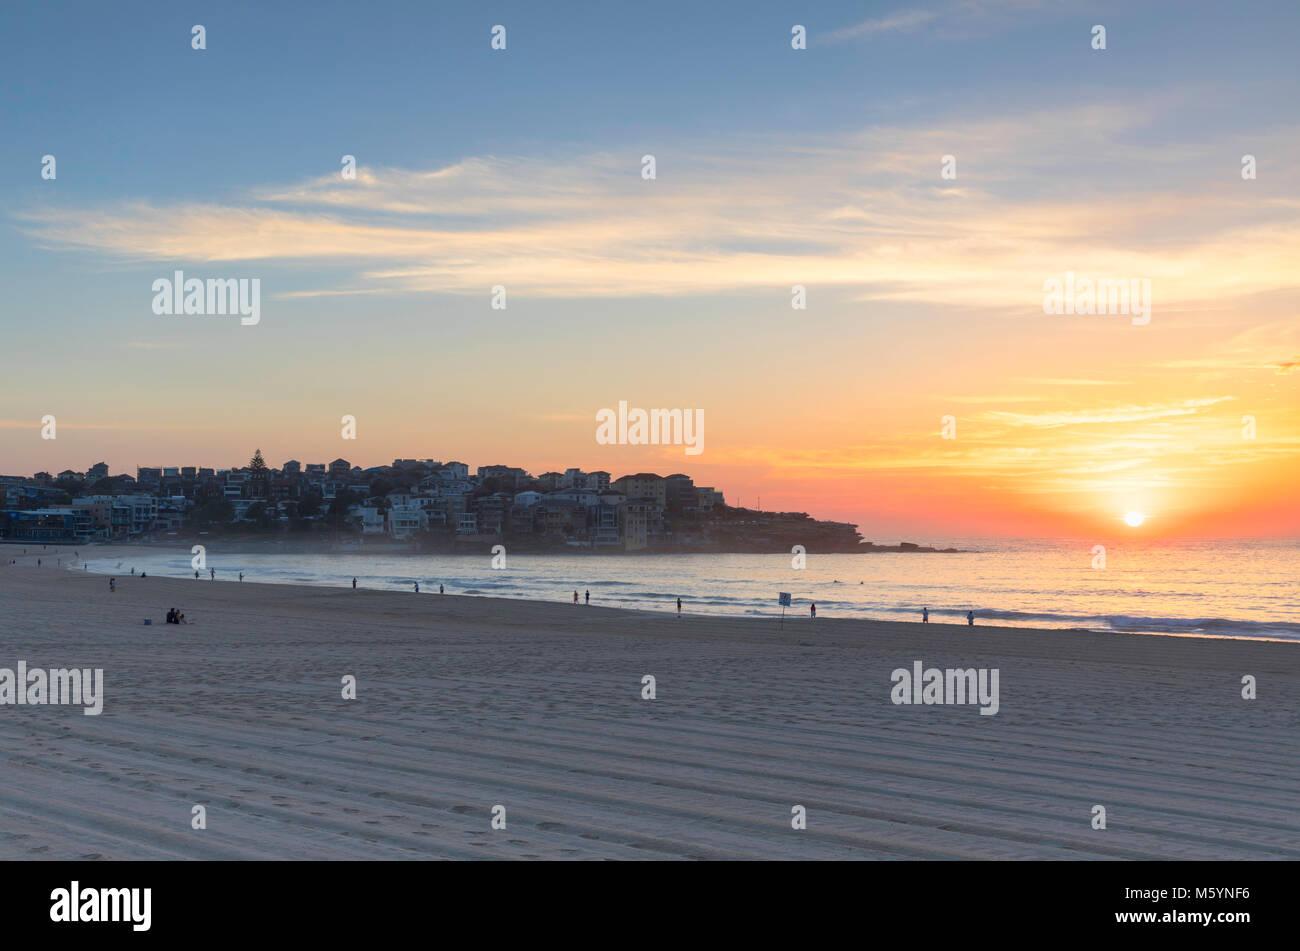 La plage de Bondi au lever du soleil, Sydney, New South Wales, Australia Photo Stock